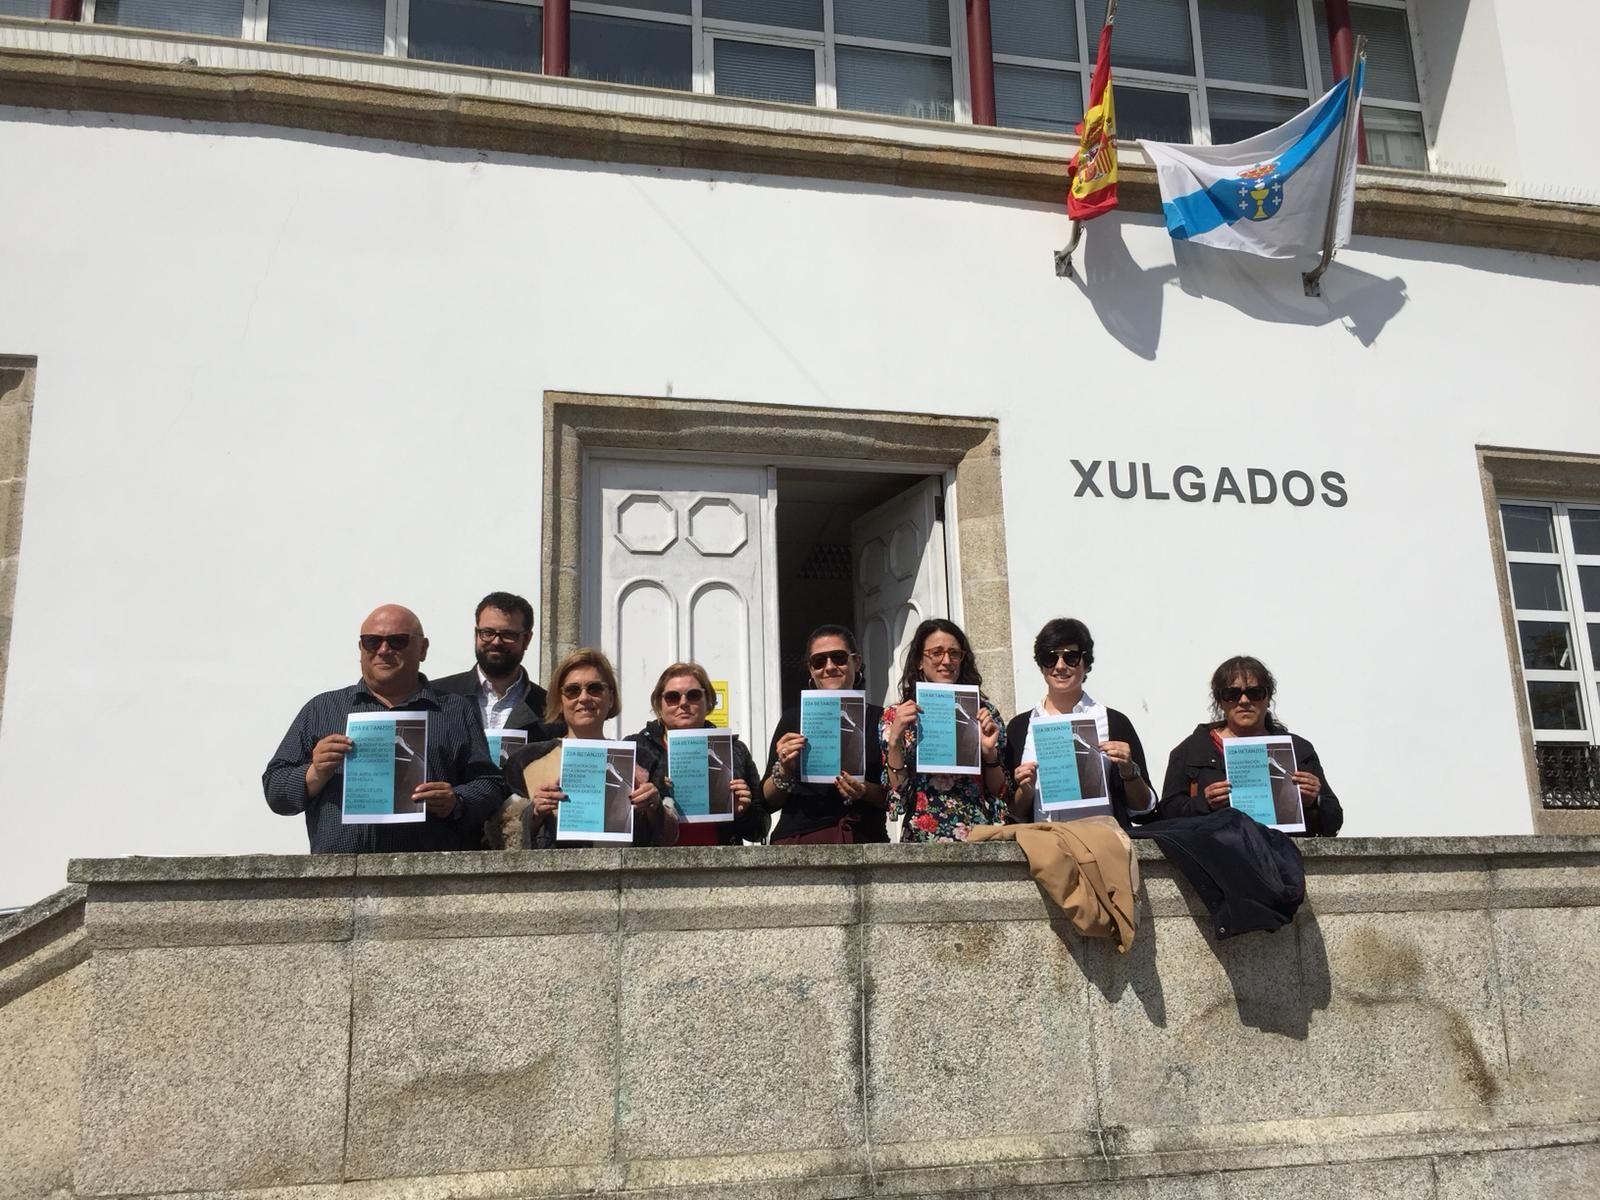 Abascal llena el Palexco en su mitin en A Coruña.Pastoriza SD  Club de fútbol de Arteixo